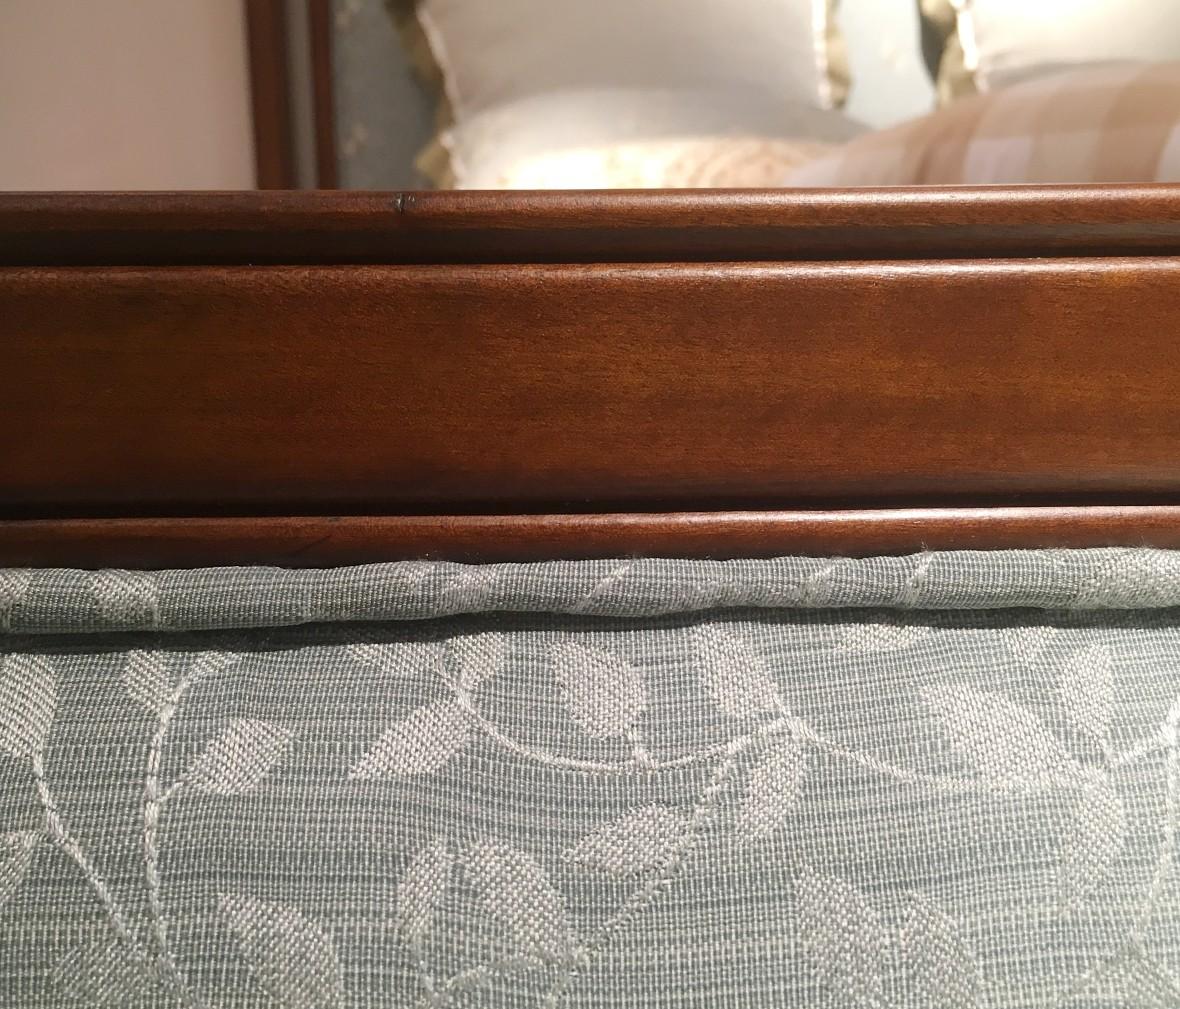 黎曼艺术家 LM-A12型号床 进口美国樱桃木材质床图片、价格、品牌、评测样样齐全!【蓝景商城正品行货,蓝景丽家大钟寺家居广场提货,北京地区配送,领券更优惠,线上线下同品同价,立即购买享受更多优惠哦!】